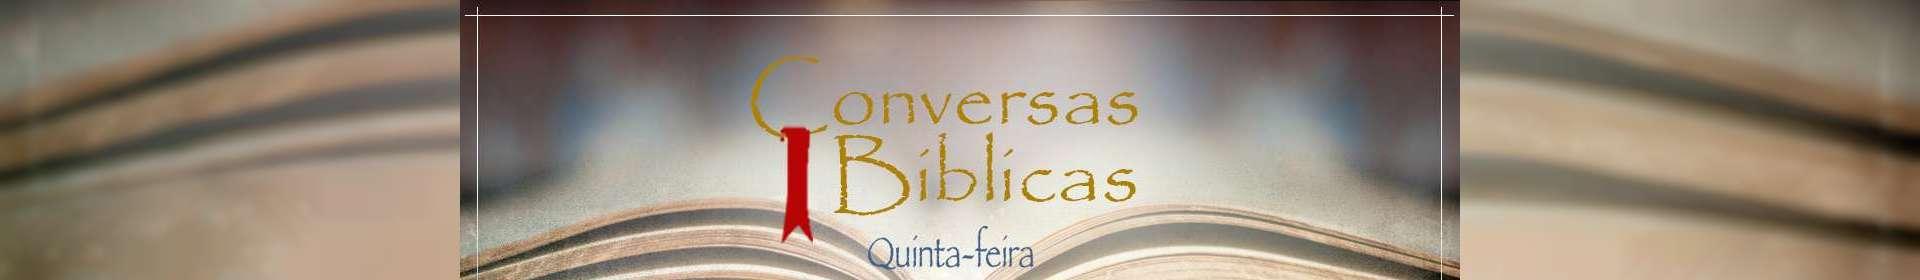 Conversas Bíblicas: Sã Doutrina - Fontes Doutrinárias